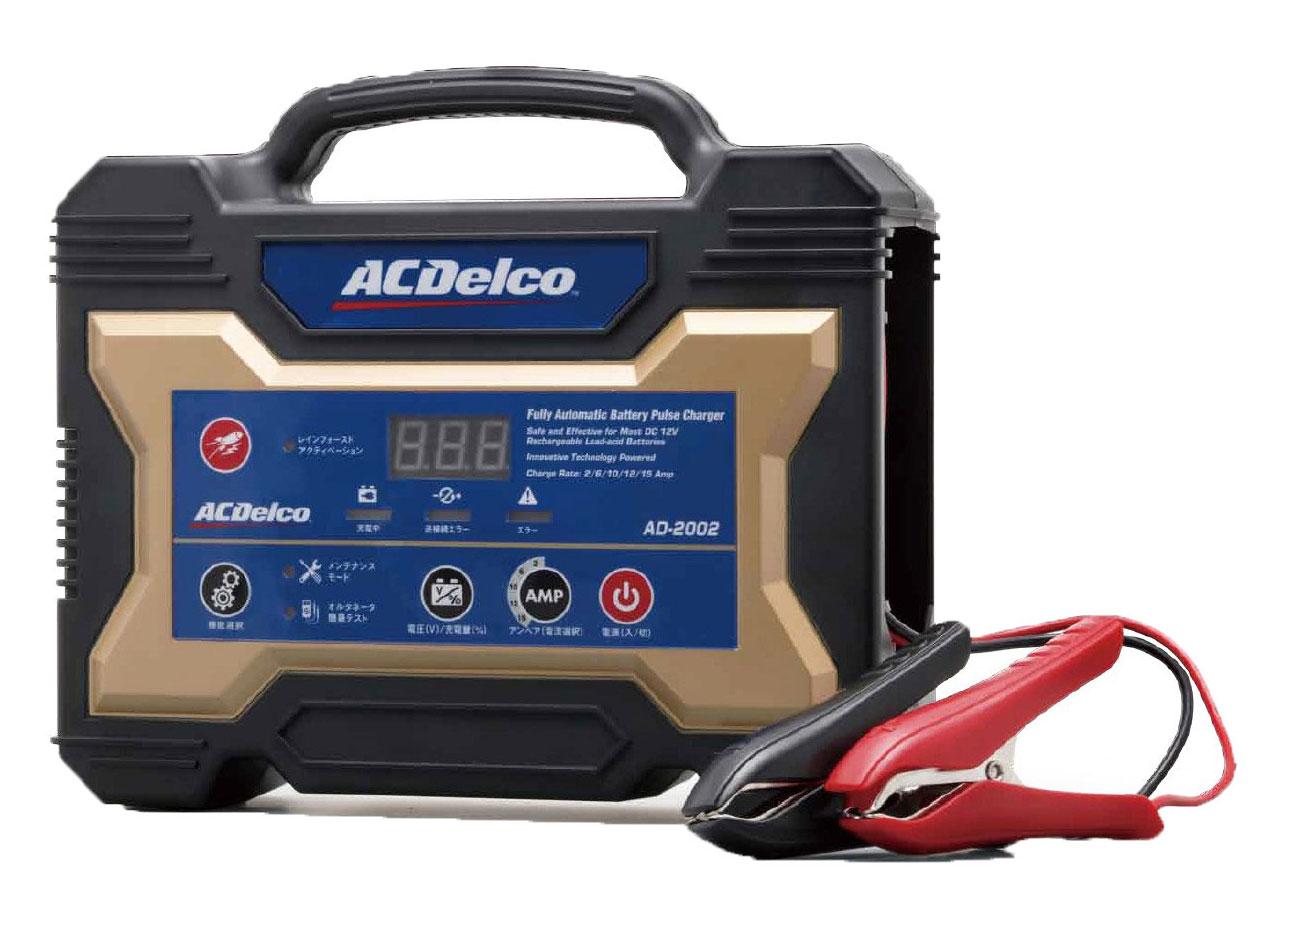 AC Delco(ACデルコ) AD-2002 12Vバッテリー用 全自動バッテリー充電器